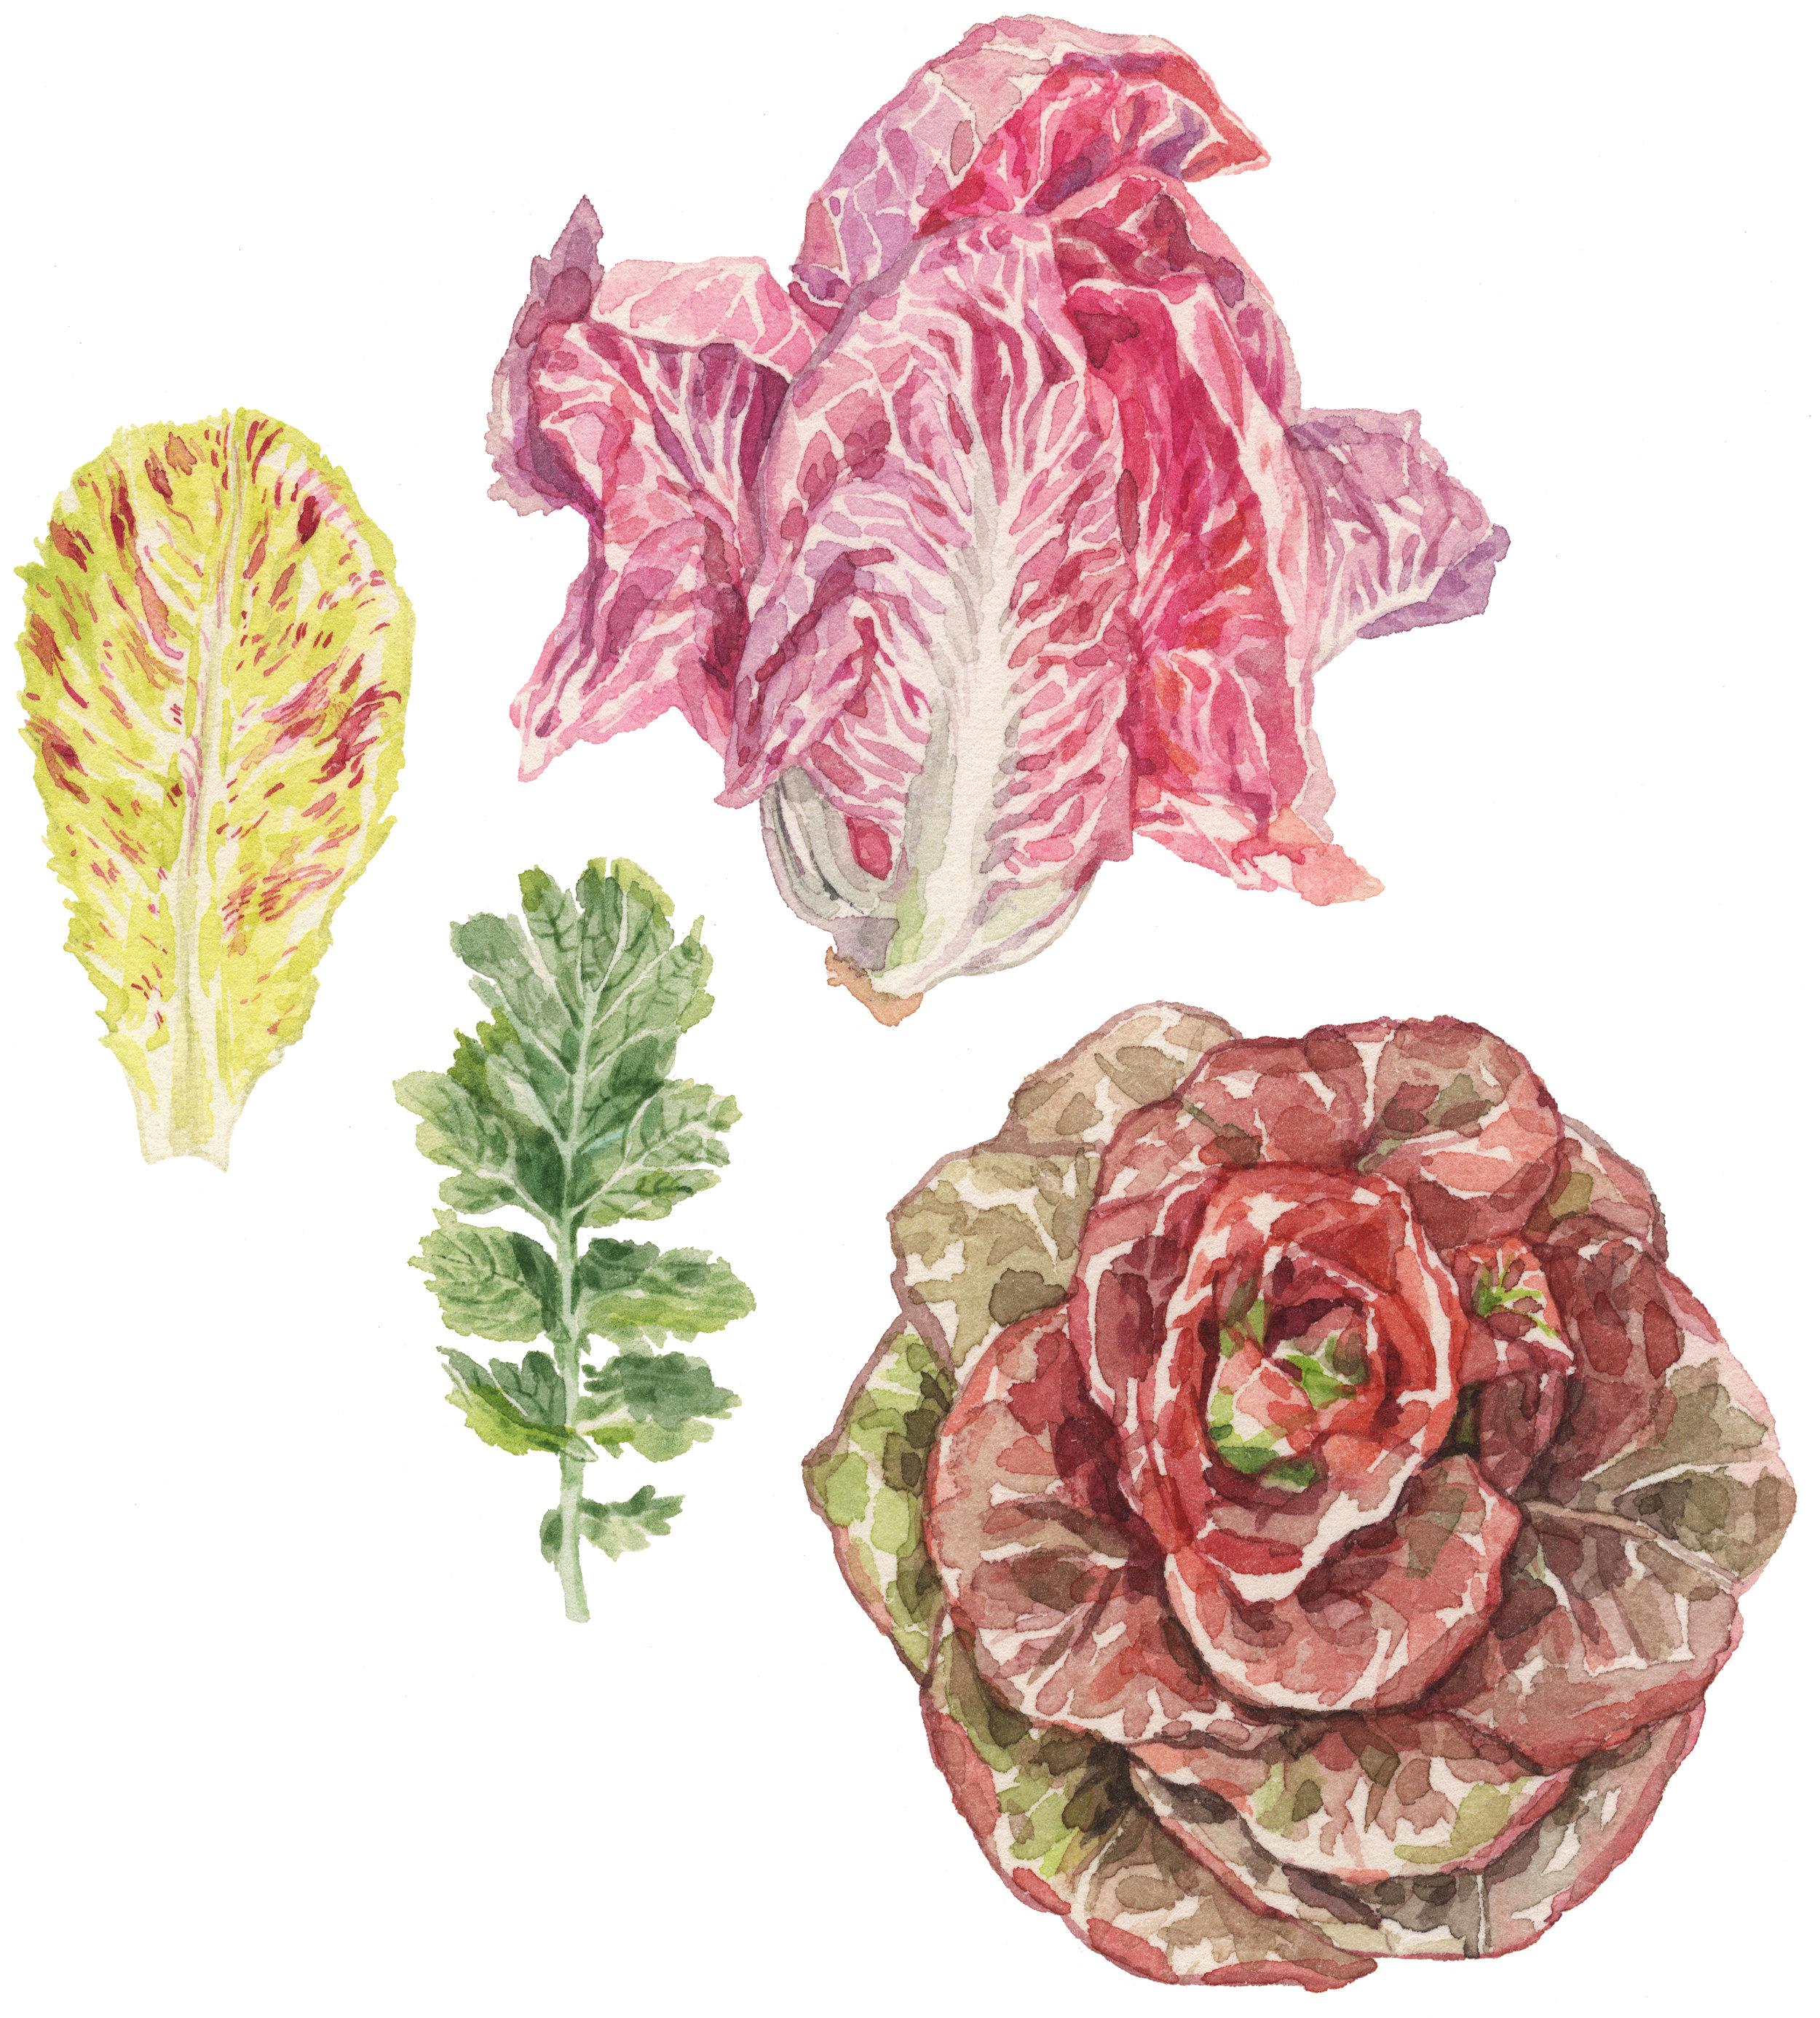 5-lettuces-lrg.jpg